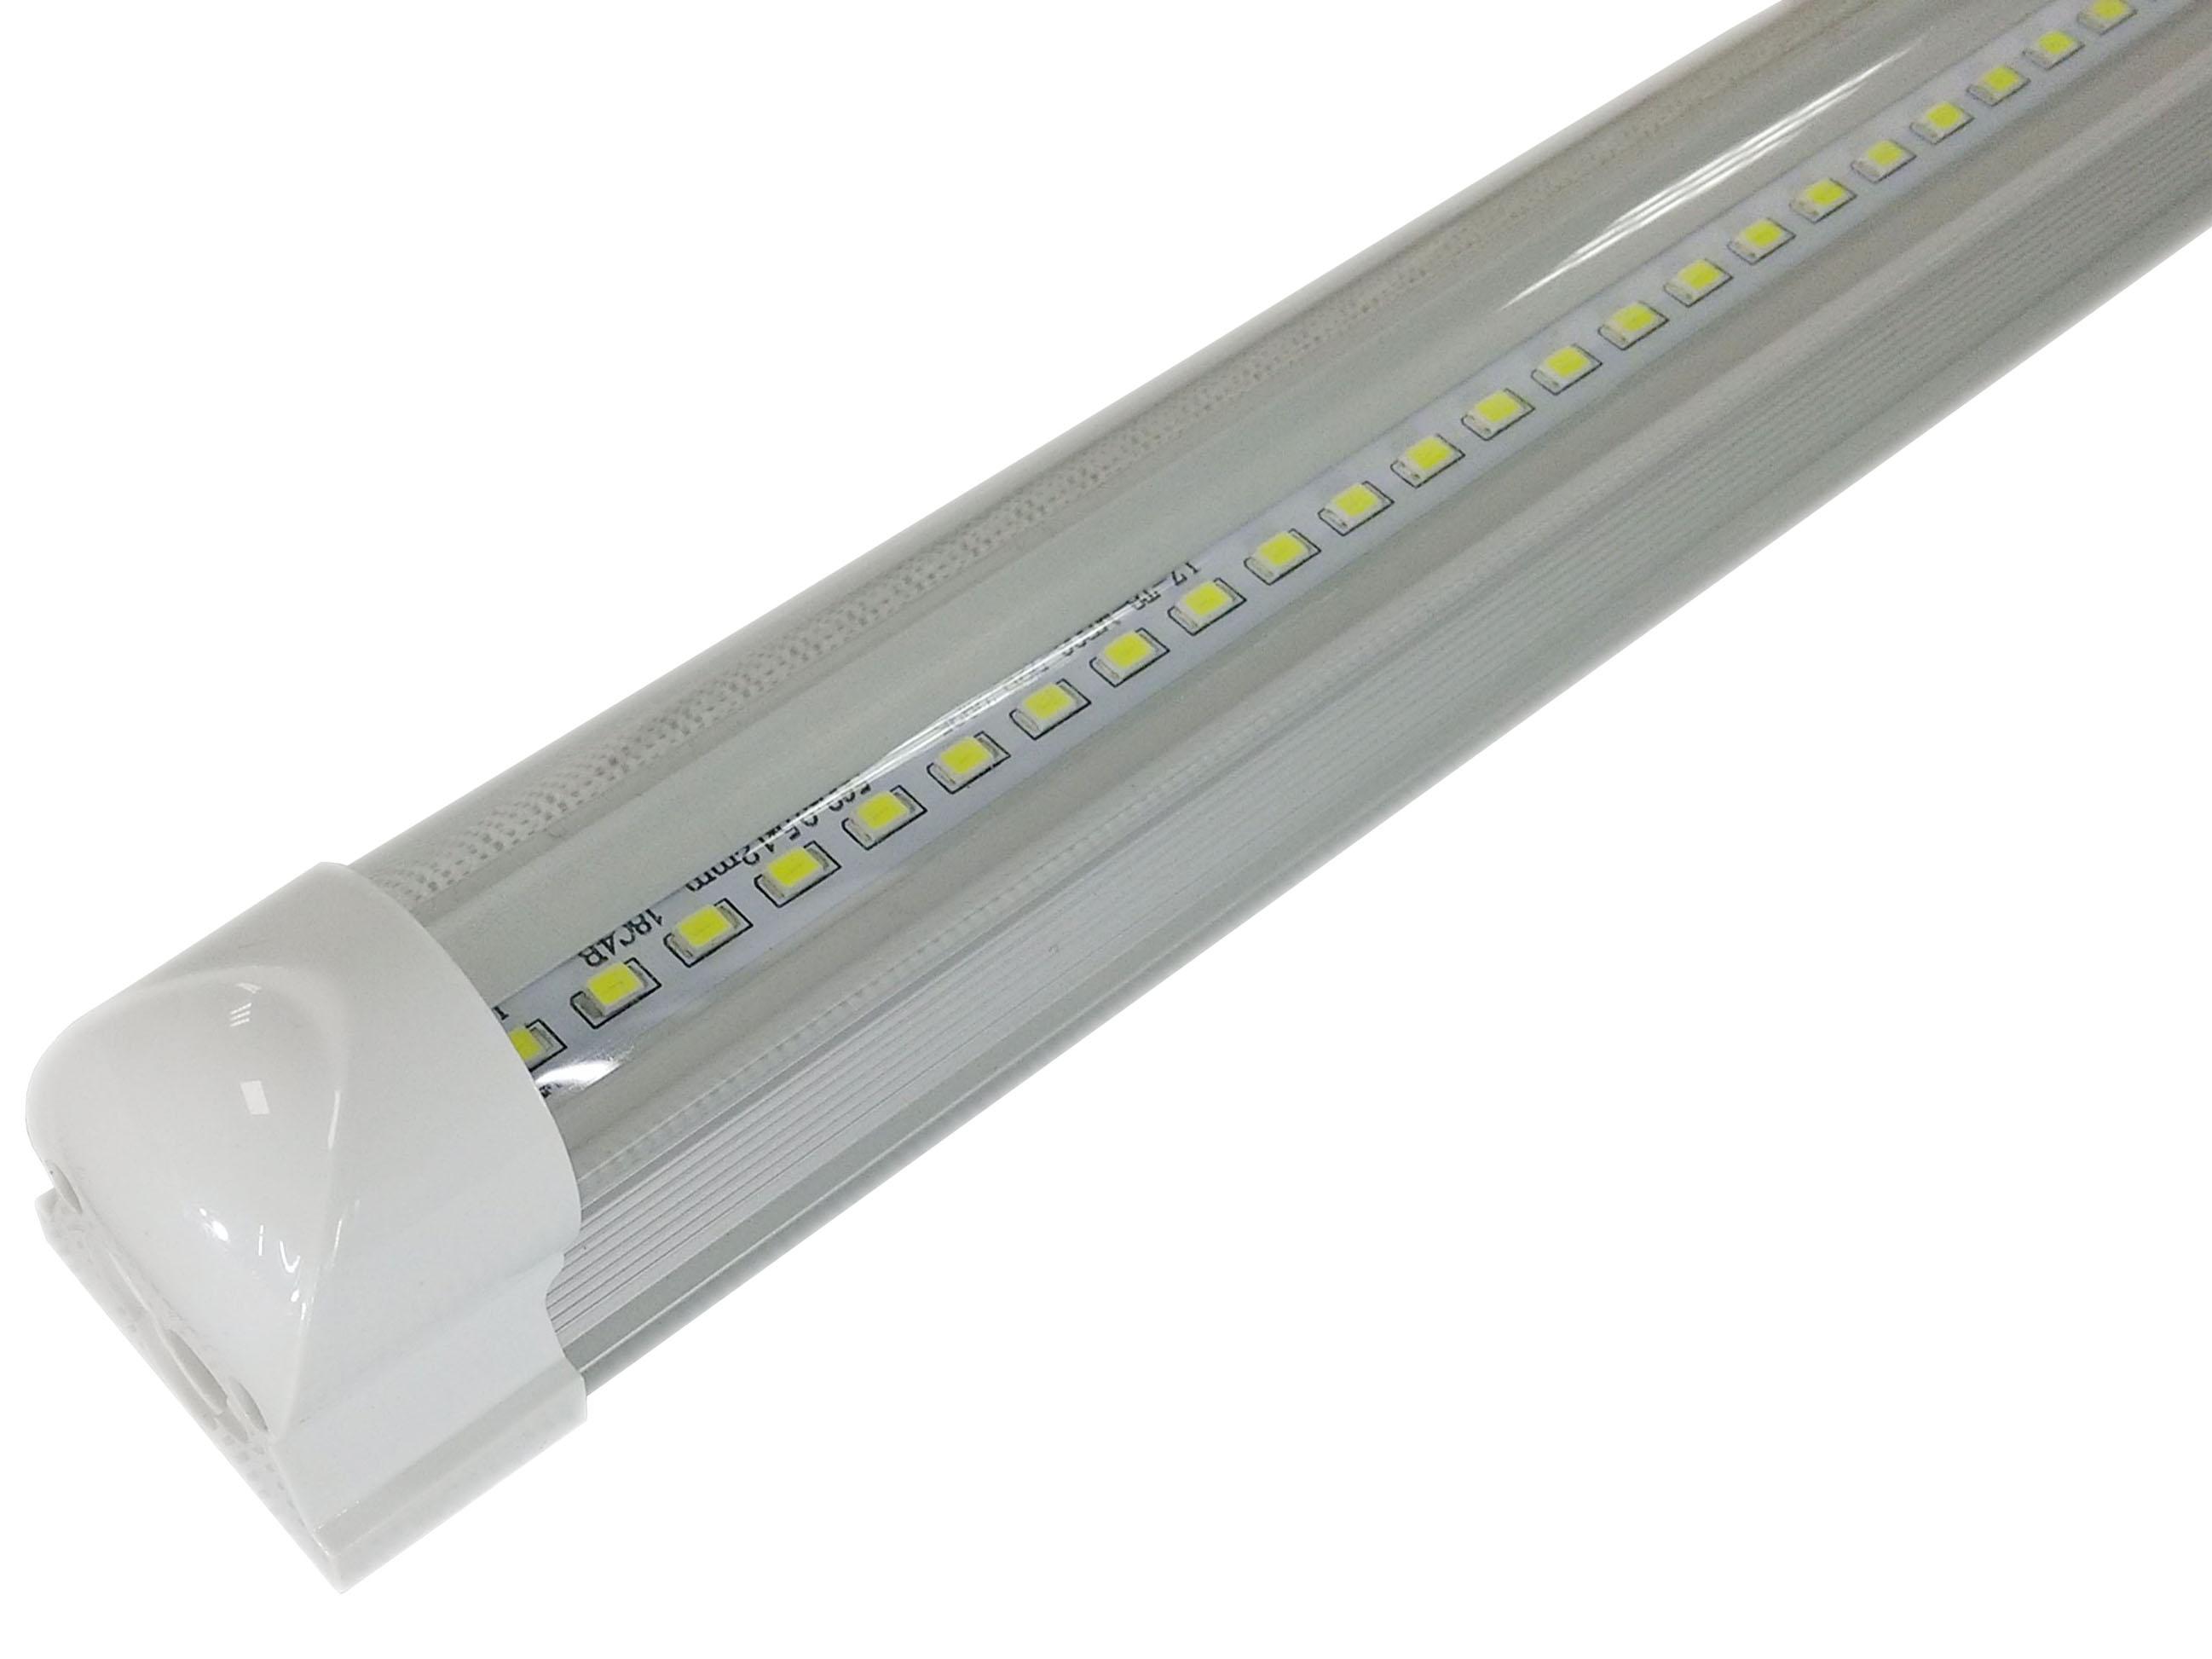 led日光管t8,t5日光管,led日光灯管公司